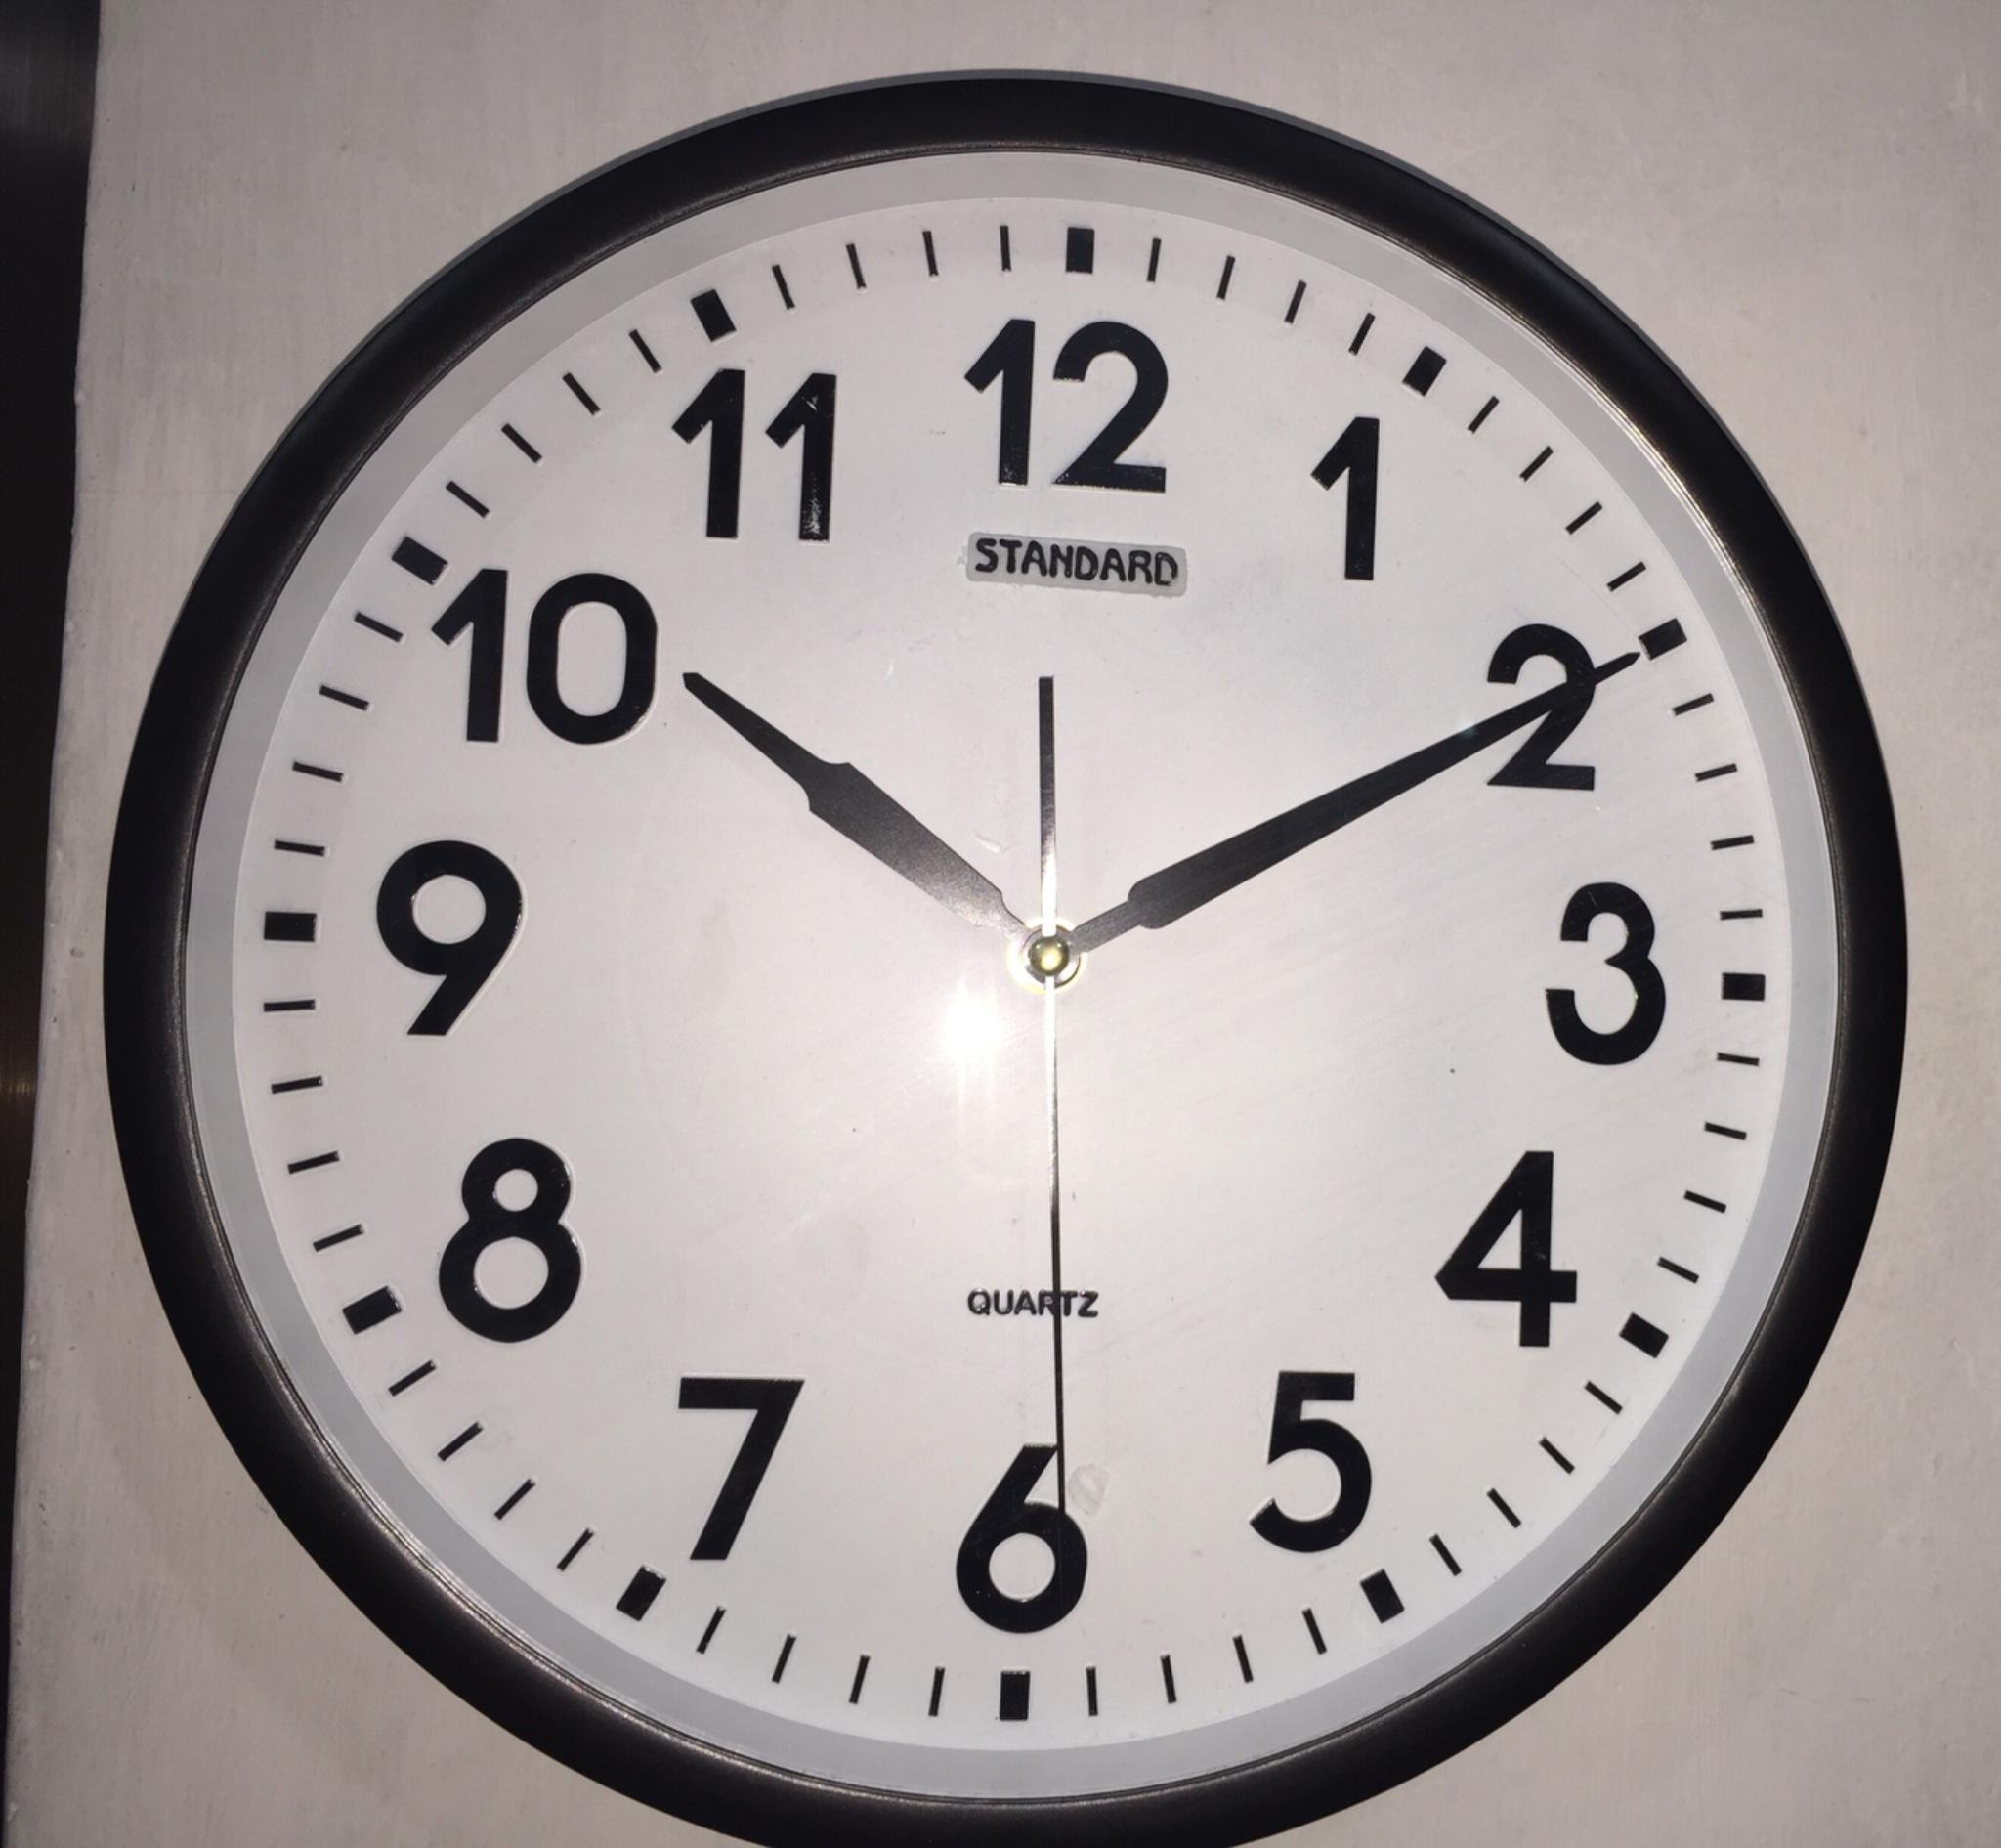 Standard Jam Dinding 282 Daftar Update Harga Terbaru Dan Rhythm Global Timepiece I1204r04 Tangan Wanita Putih Jual Murah Sale Limited Stock Diameter 30cm Vonstore Tokopedia